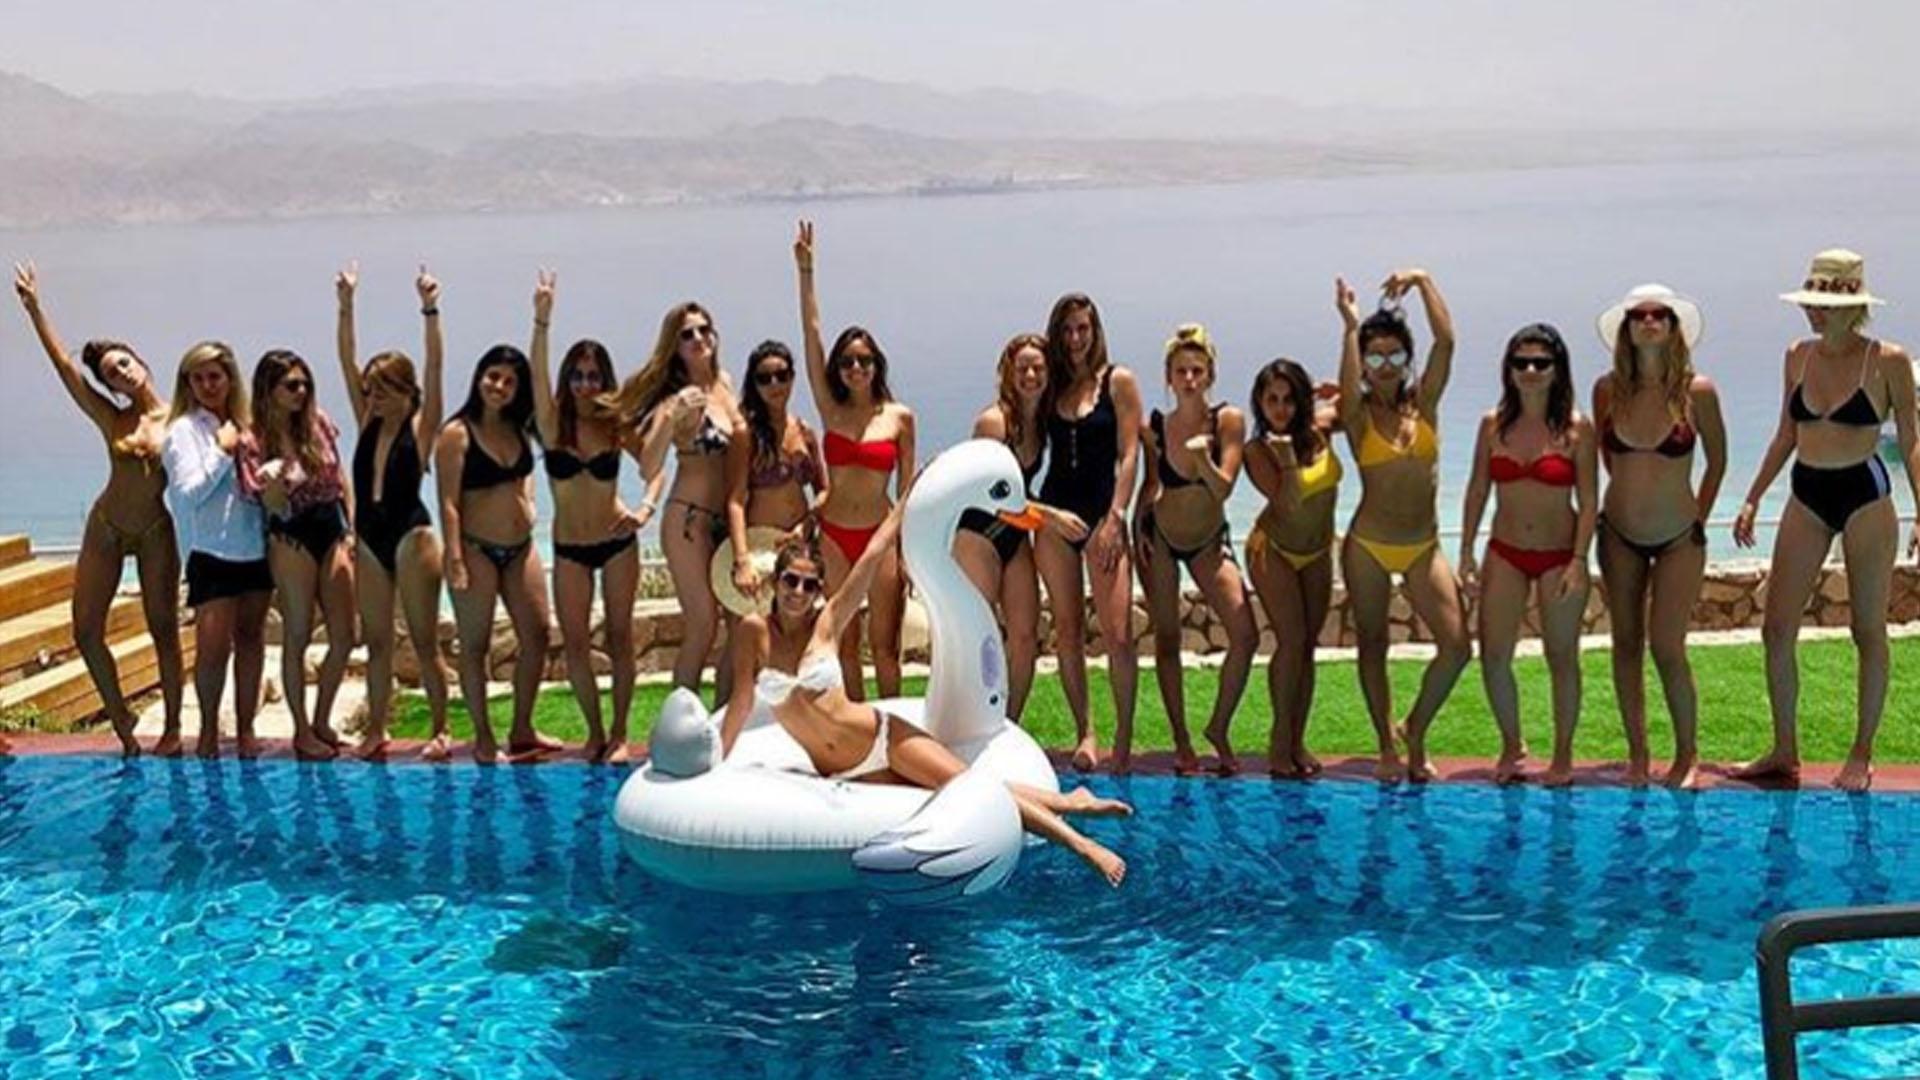 Las mujeres disfrutando en la despedida de soltera de Coral Simanovich (@coralsimanovich)